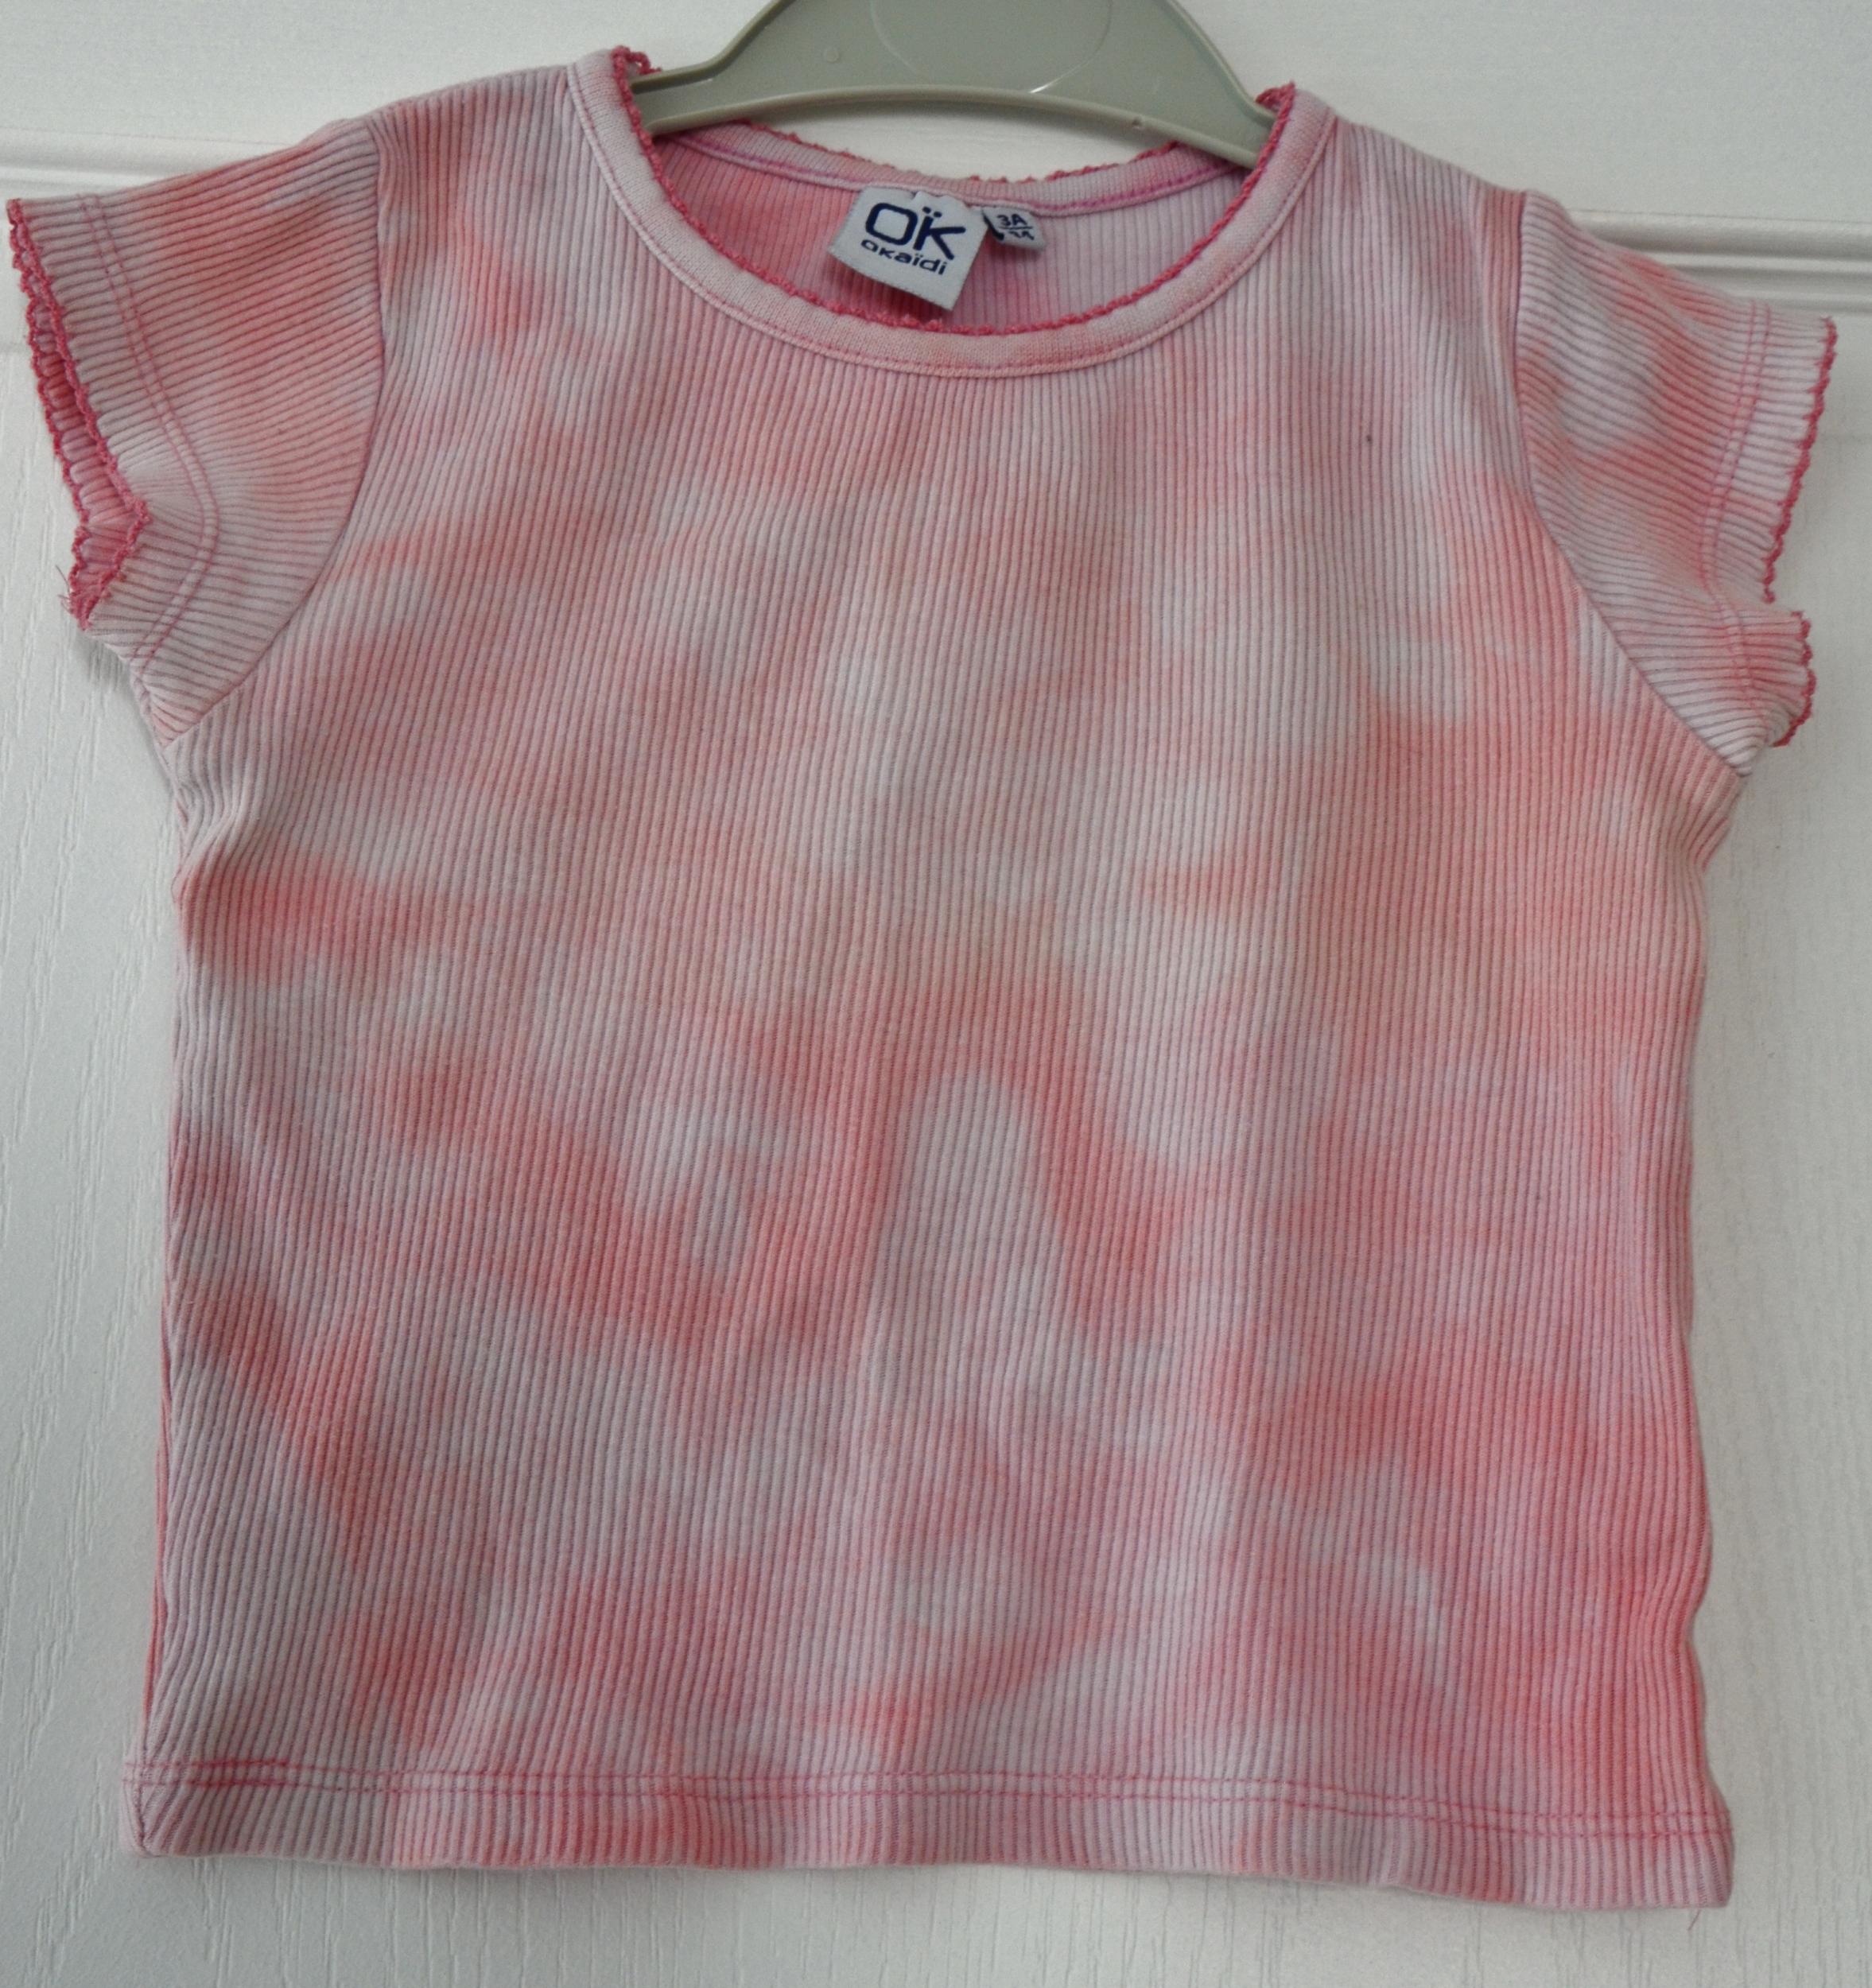 tee shirt manches courtes okaidi 3 ans